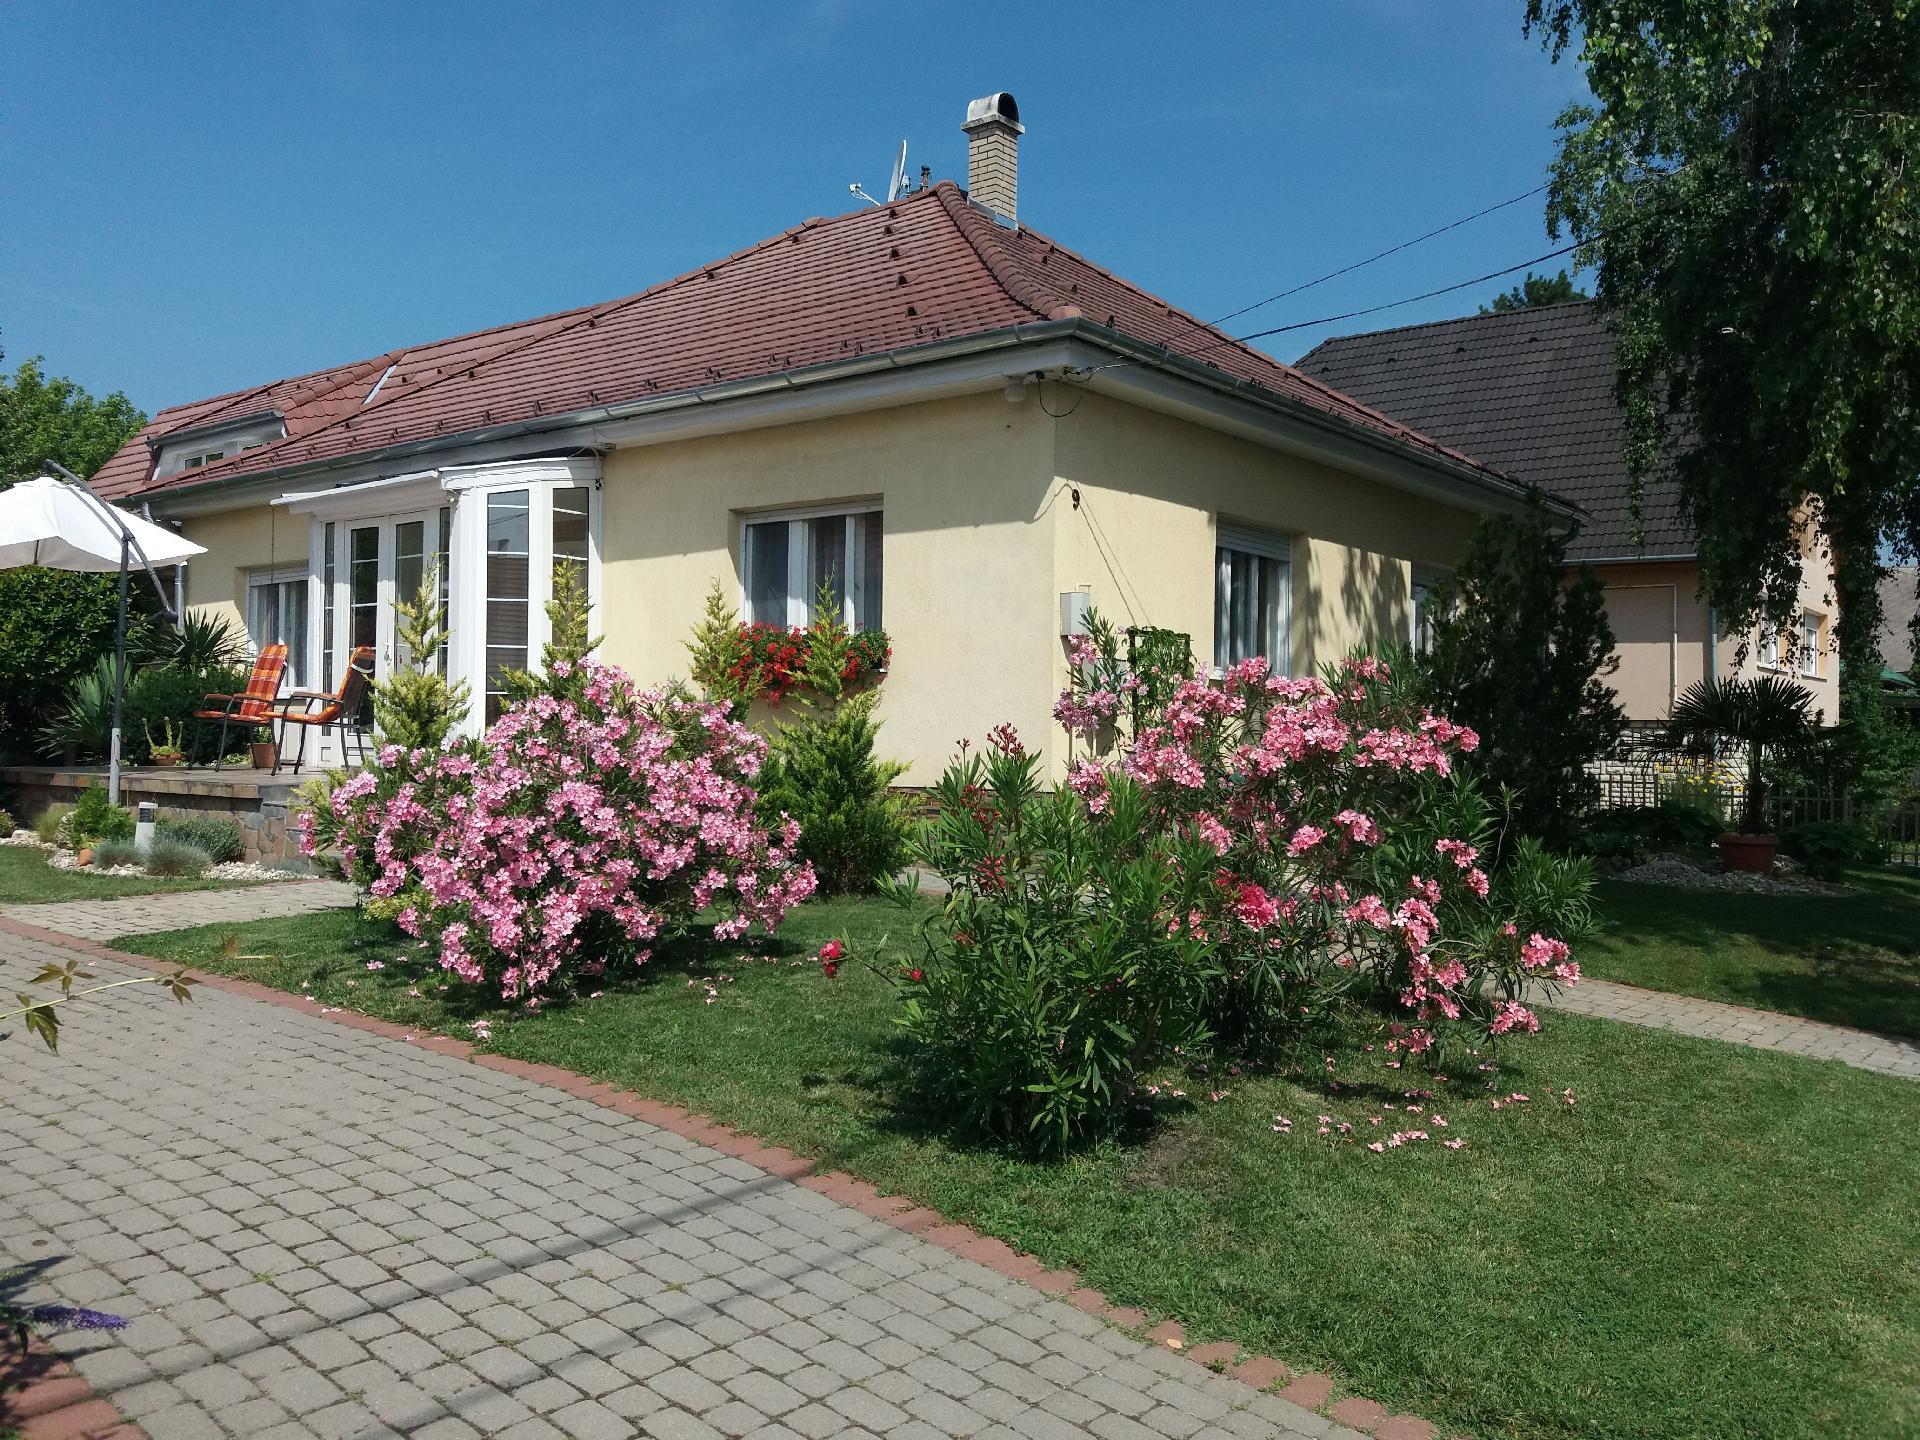 Ferienwohnung für 8 Personen ca. 120 m²   in Ungarn